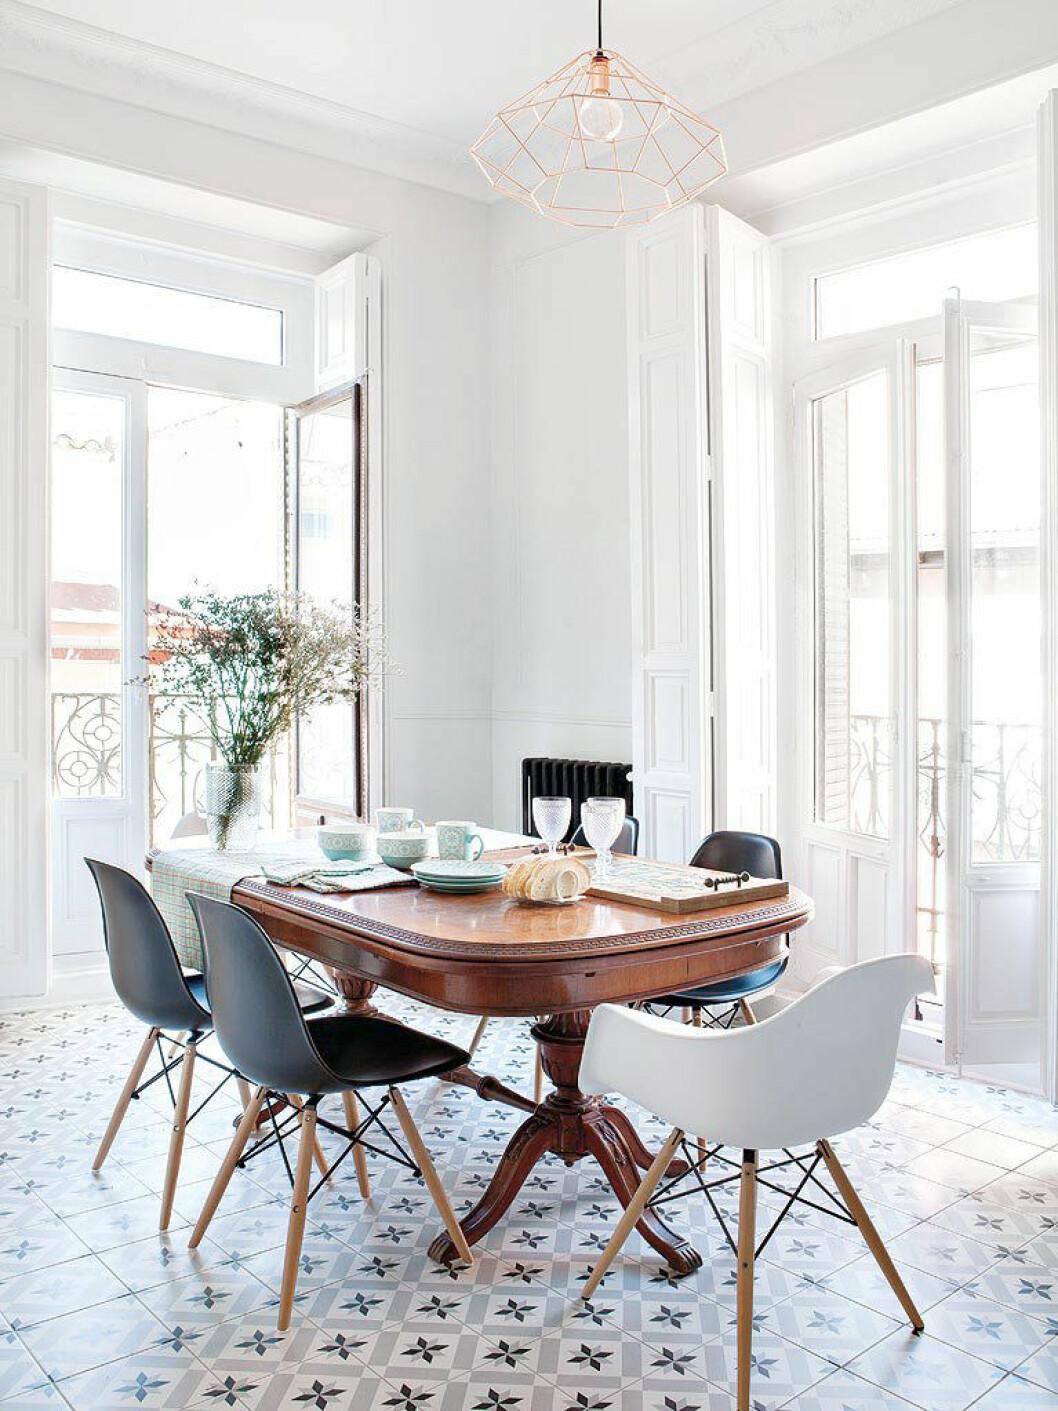 Matsal med mönstrat, kaklat golv mot vita väggar.